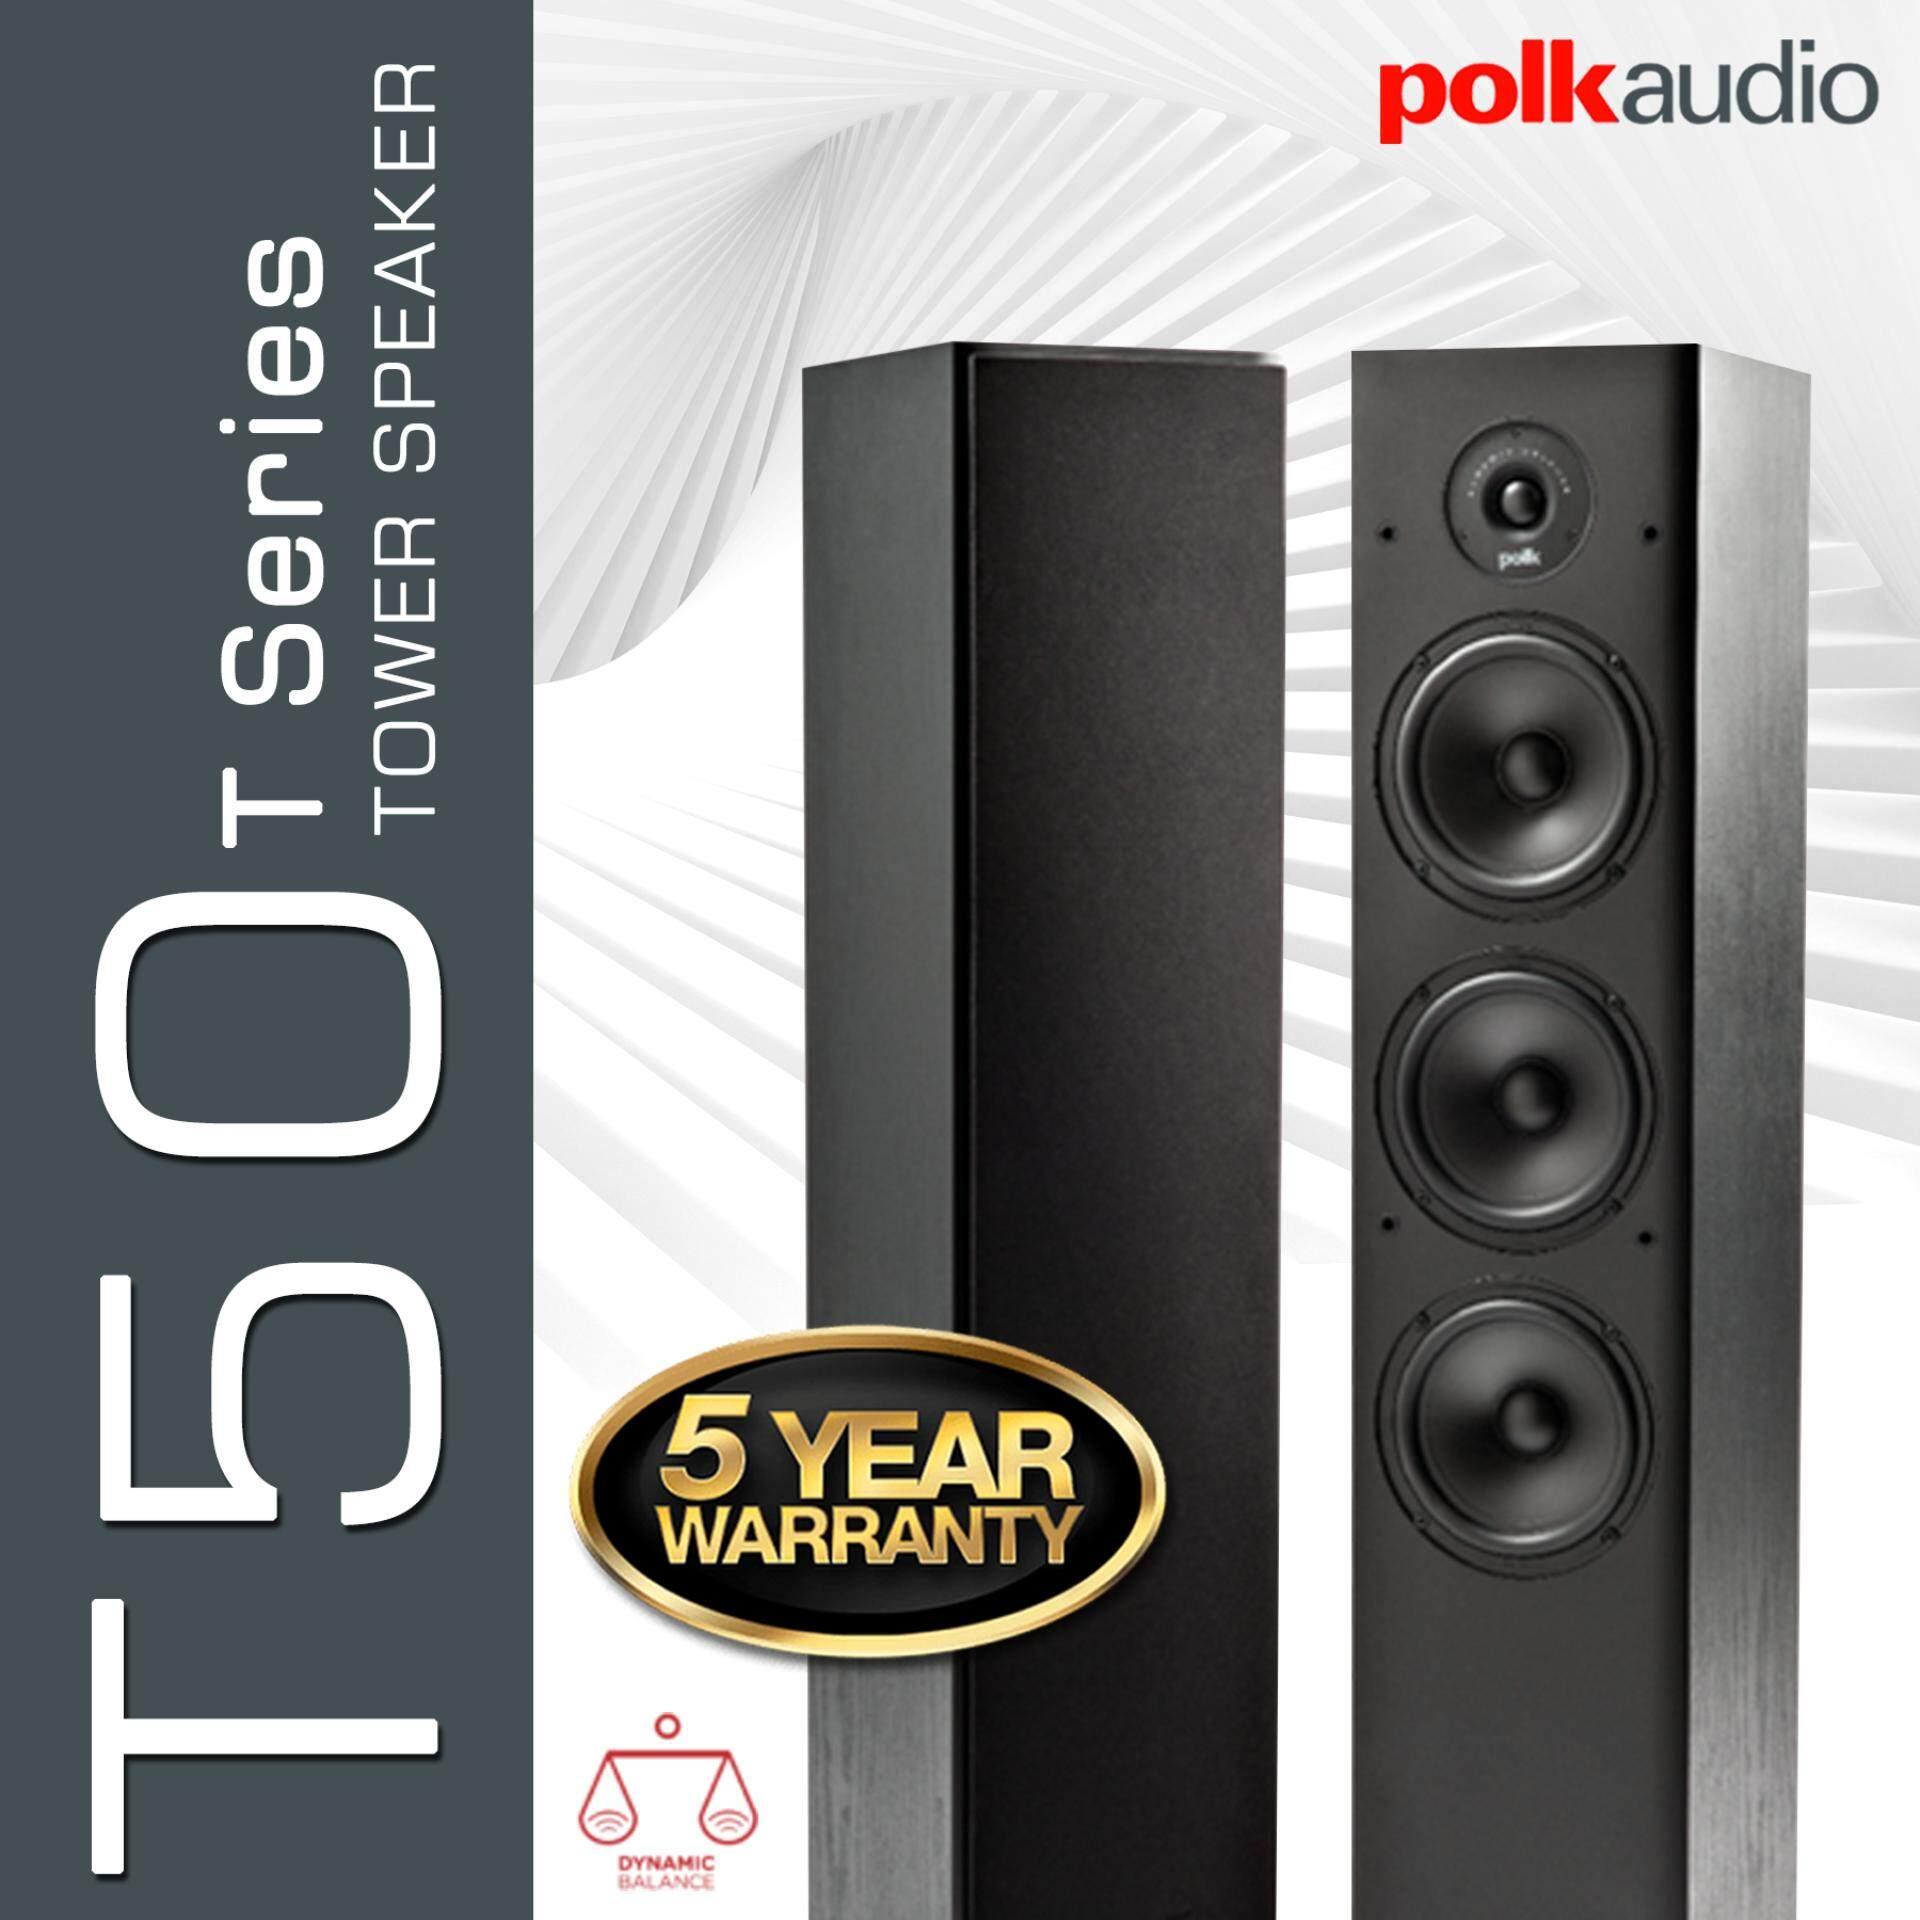 เชียงใหม่ Polk Audio T50 - Home Theater And Music Floor Standing (Black) รับประกัน 5ปี ศูนย์ POWER BUY จากผู้นำเข้าอย่างเป็นทางการ ราคาต่อ ลำโพง 1คู่ ได้ลำโพง2ตัว ซ้าย-ขวา